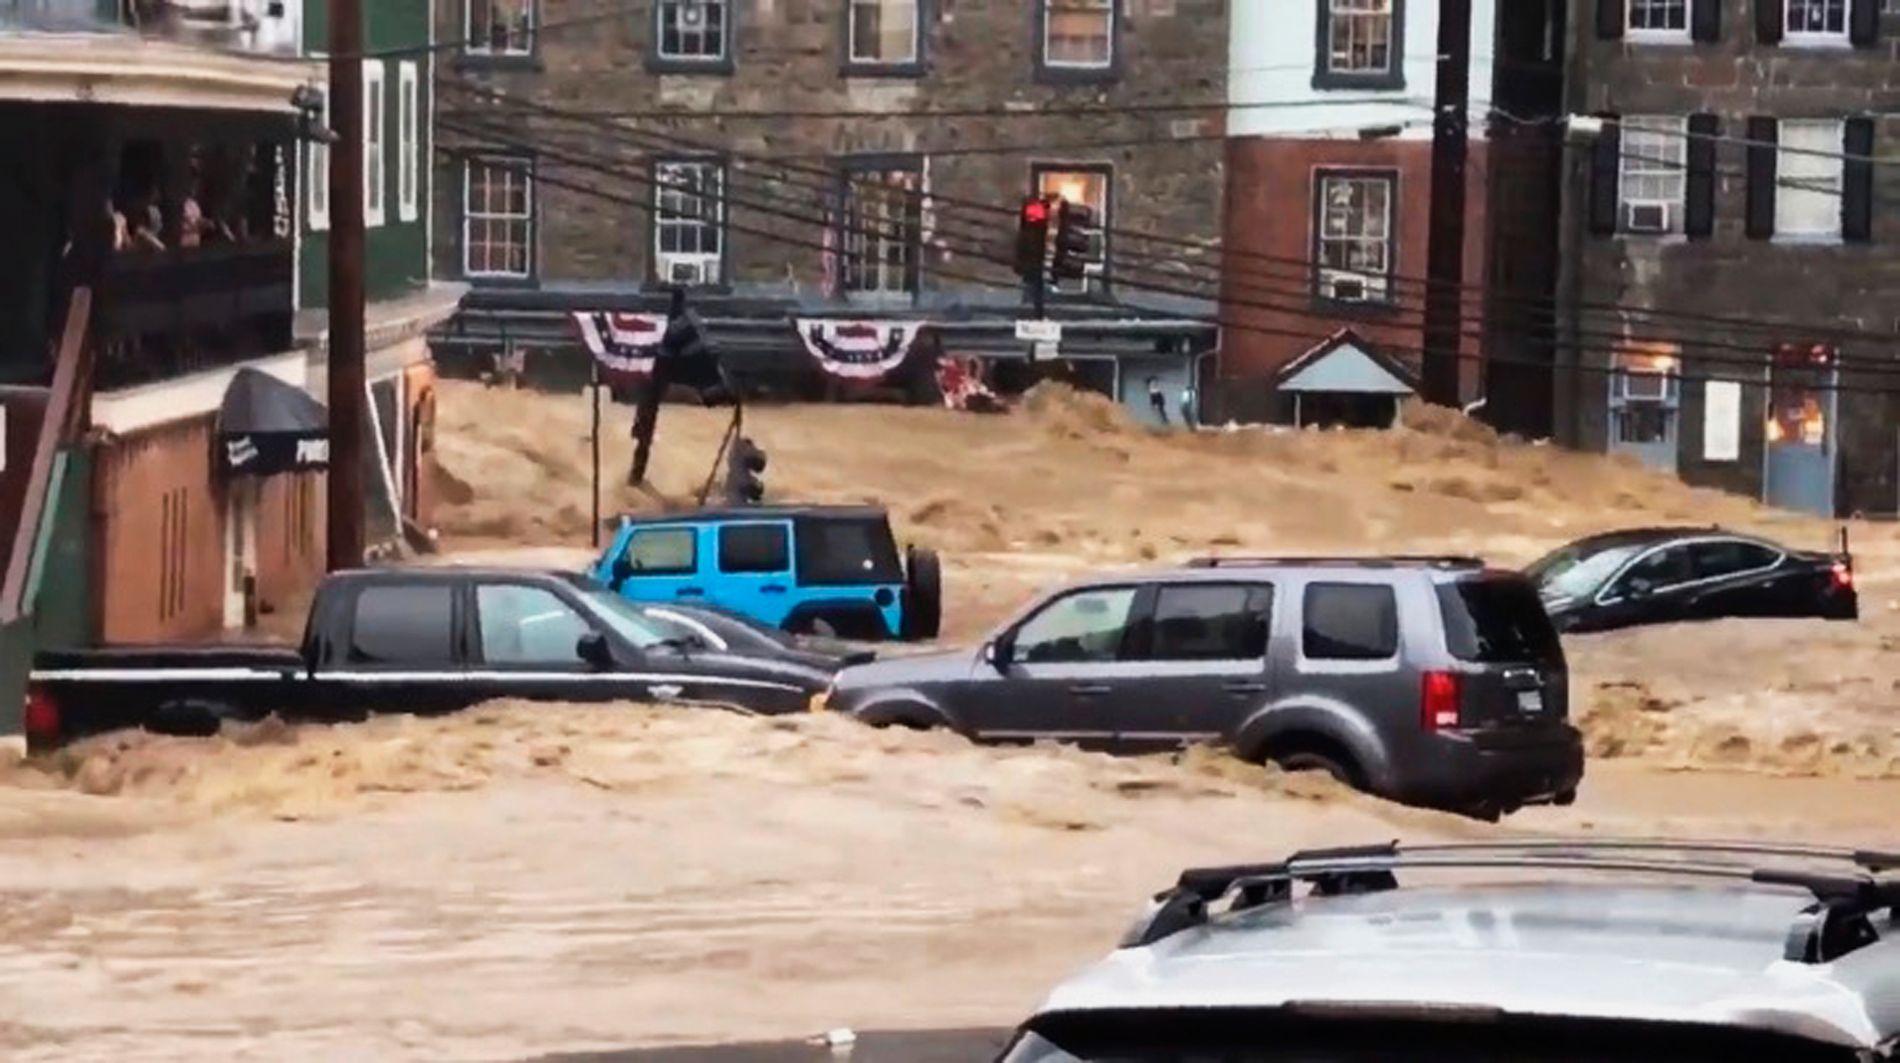 FLOMMER OVER: Flomvann fosser gjennom hovedgata i Ellicott City i Maryland etter et uvanlig kraftig regnvær.